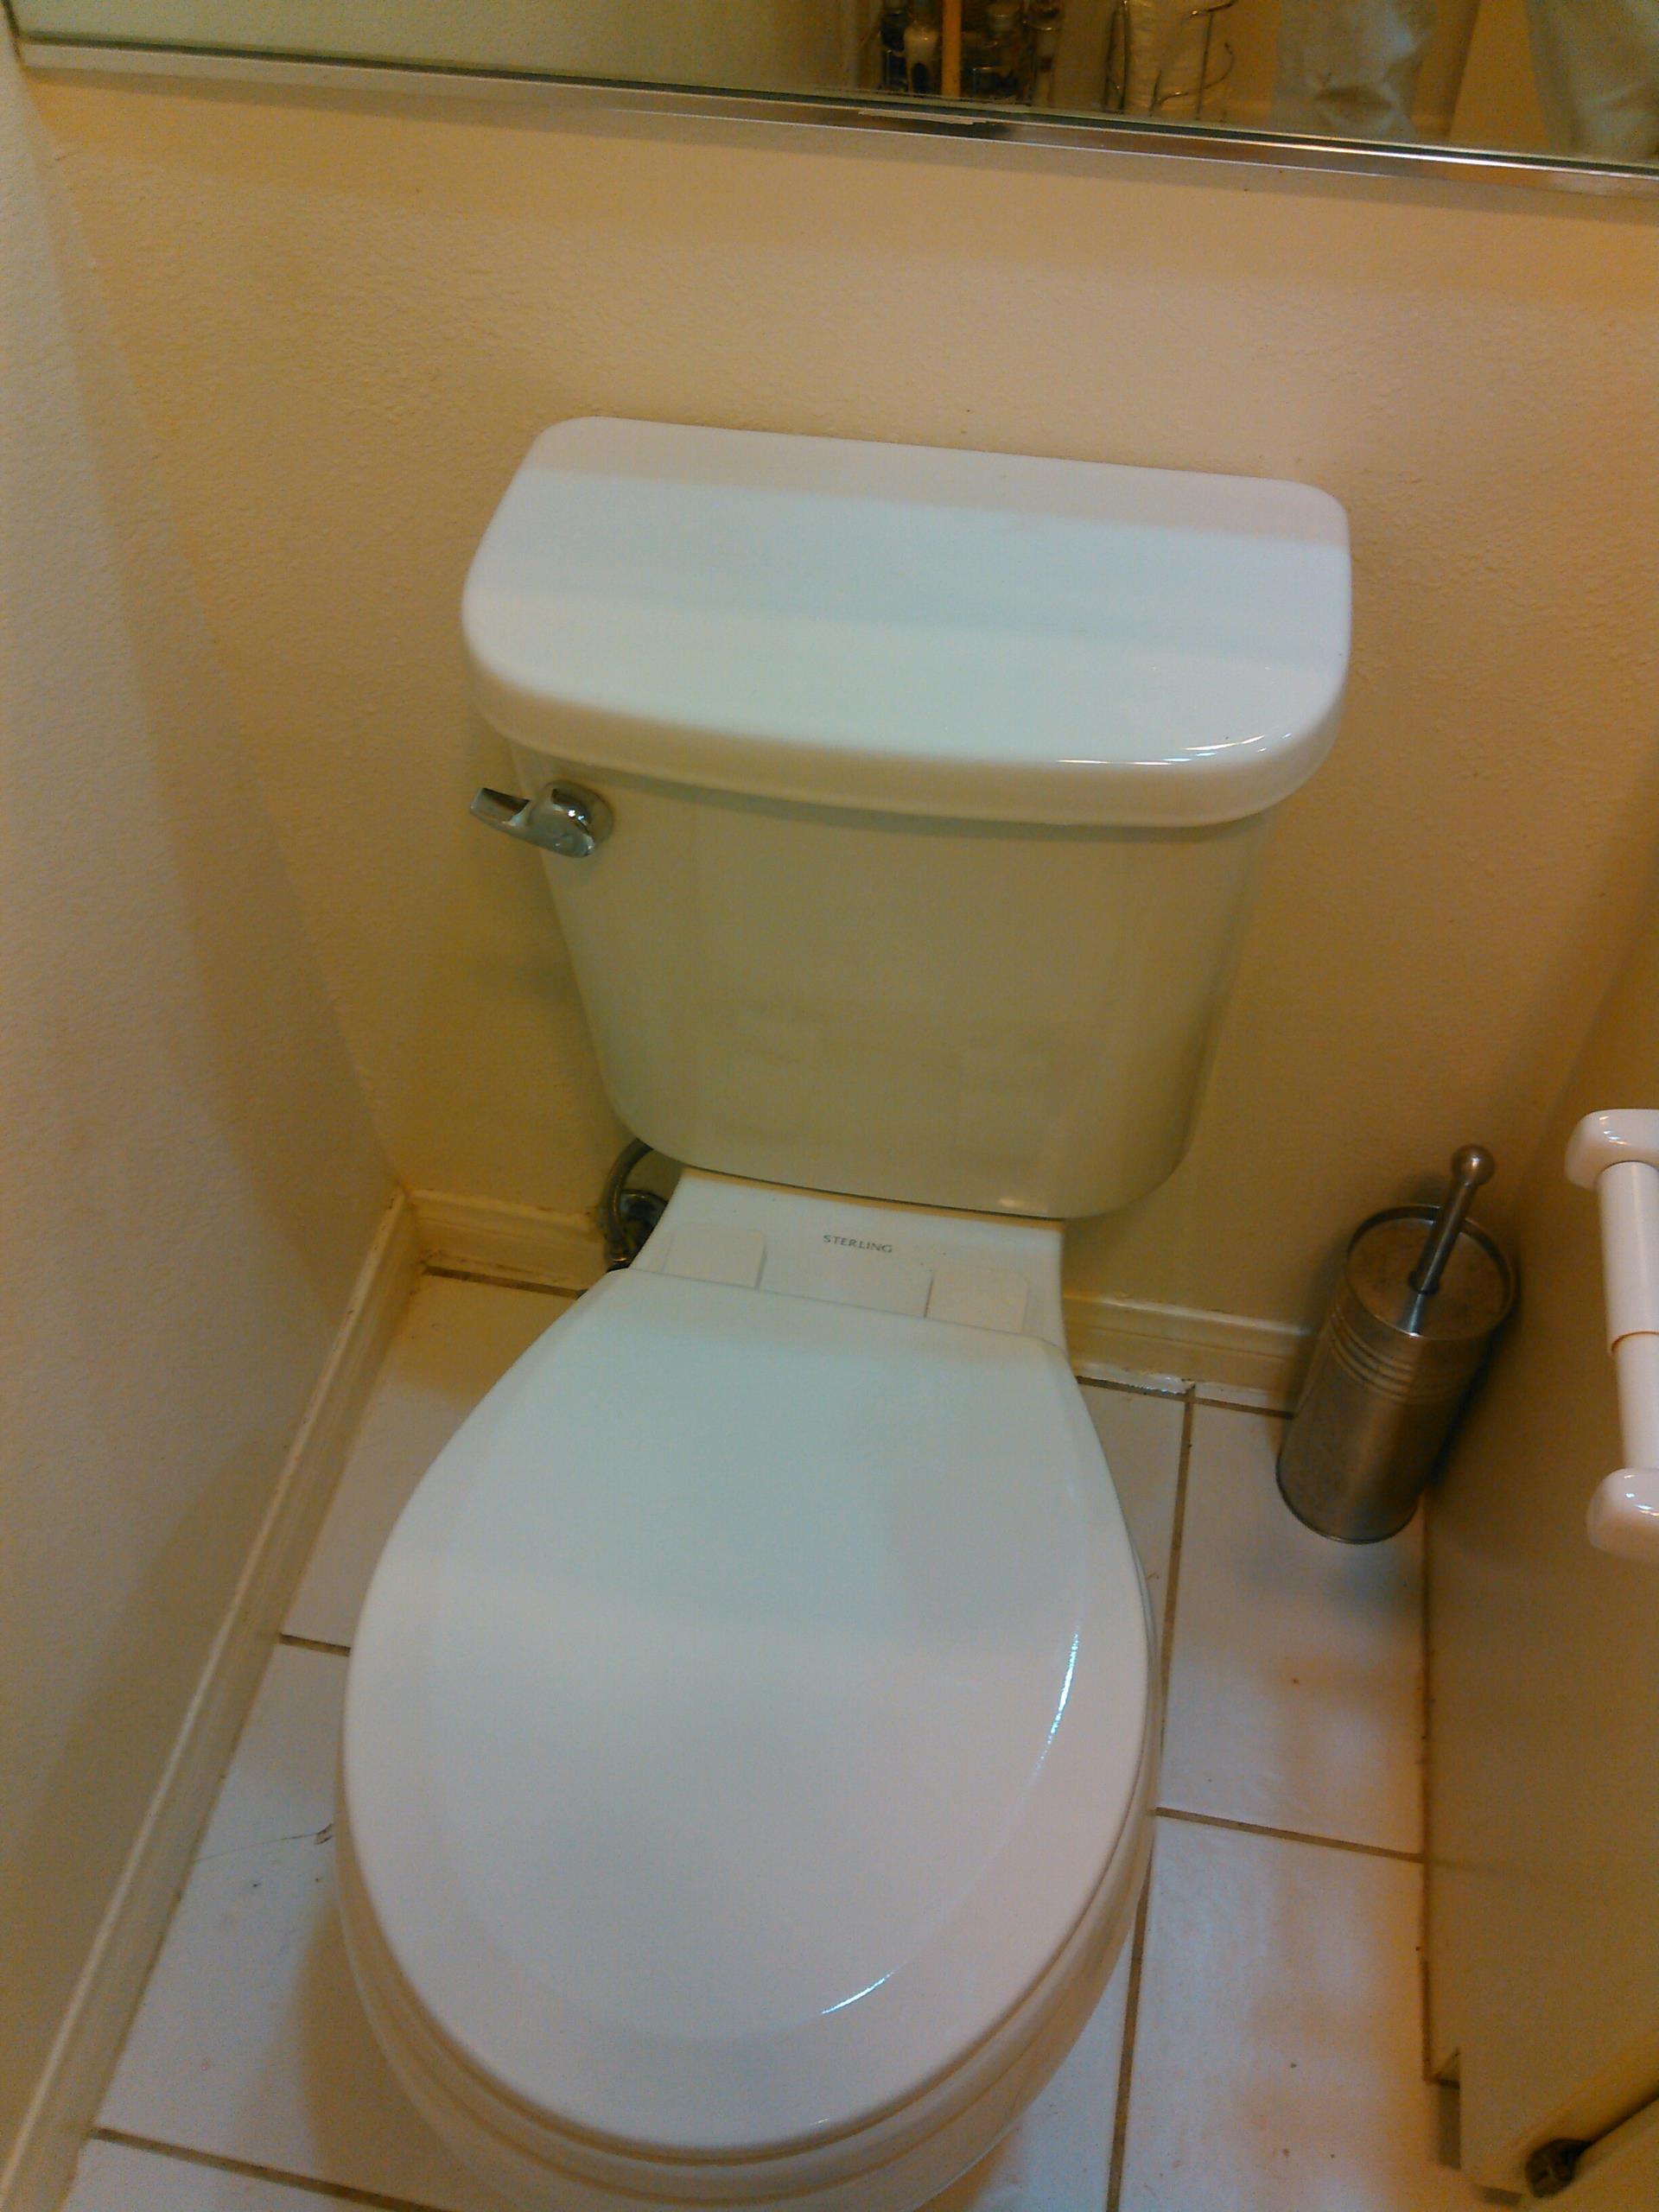 Valencia, CA - Toilet stoppage